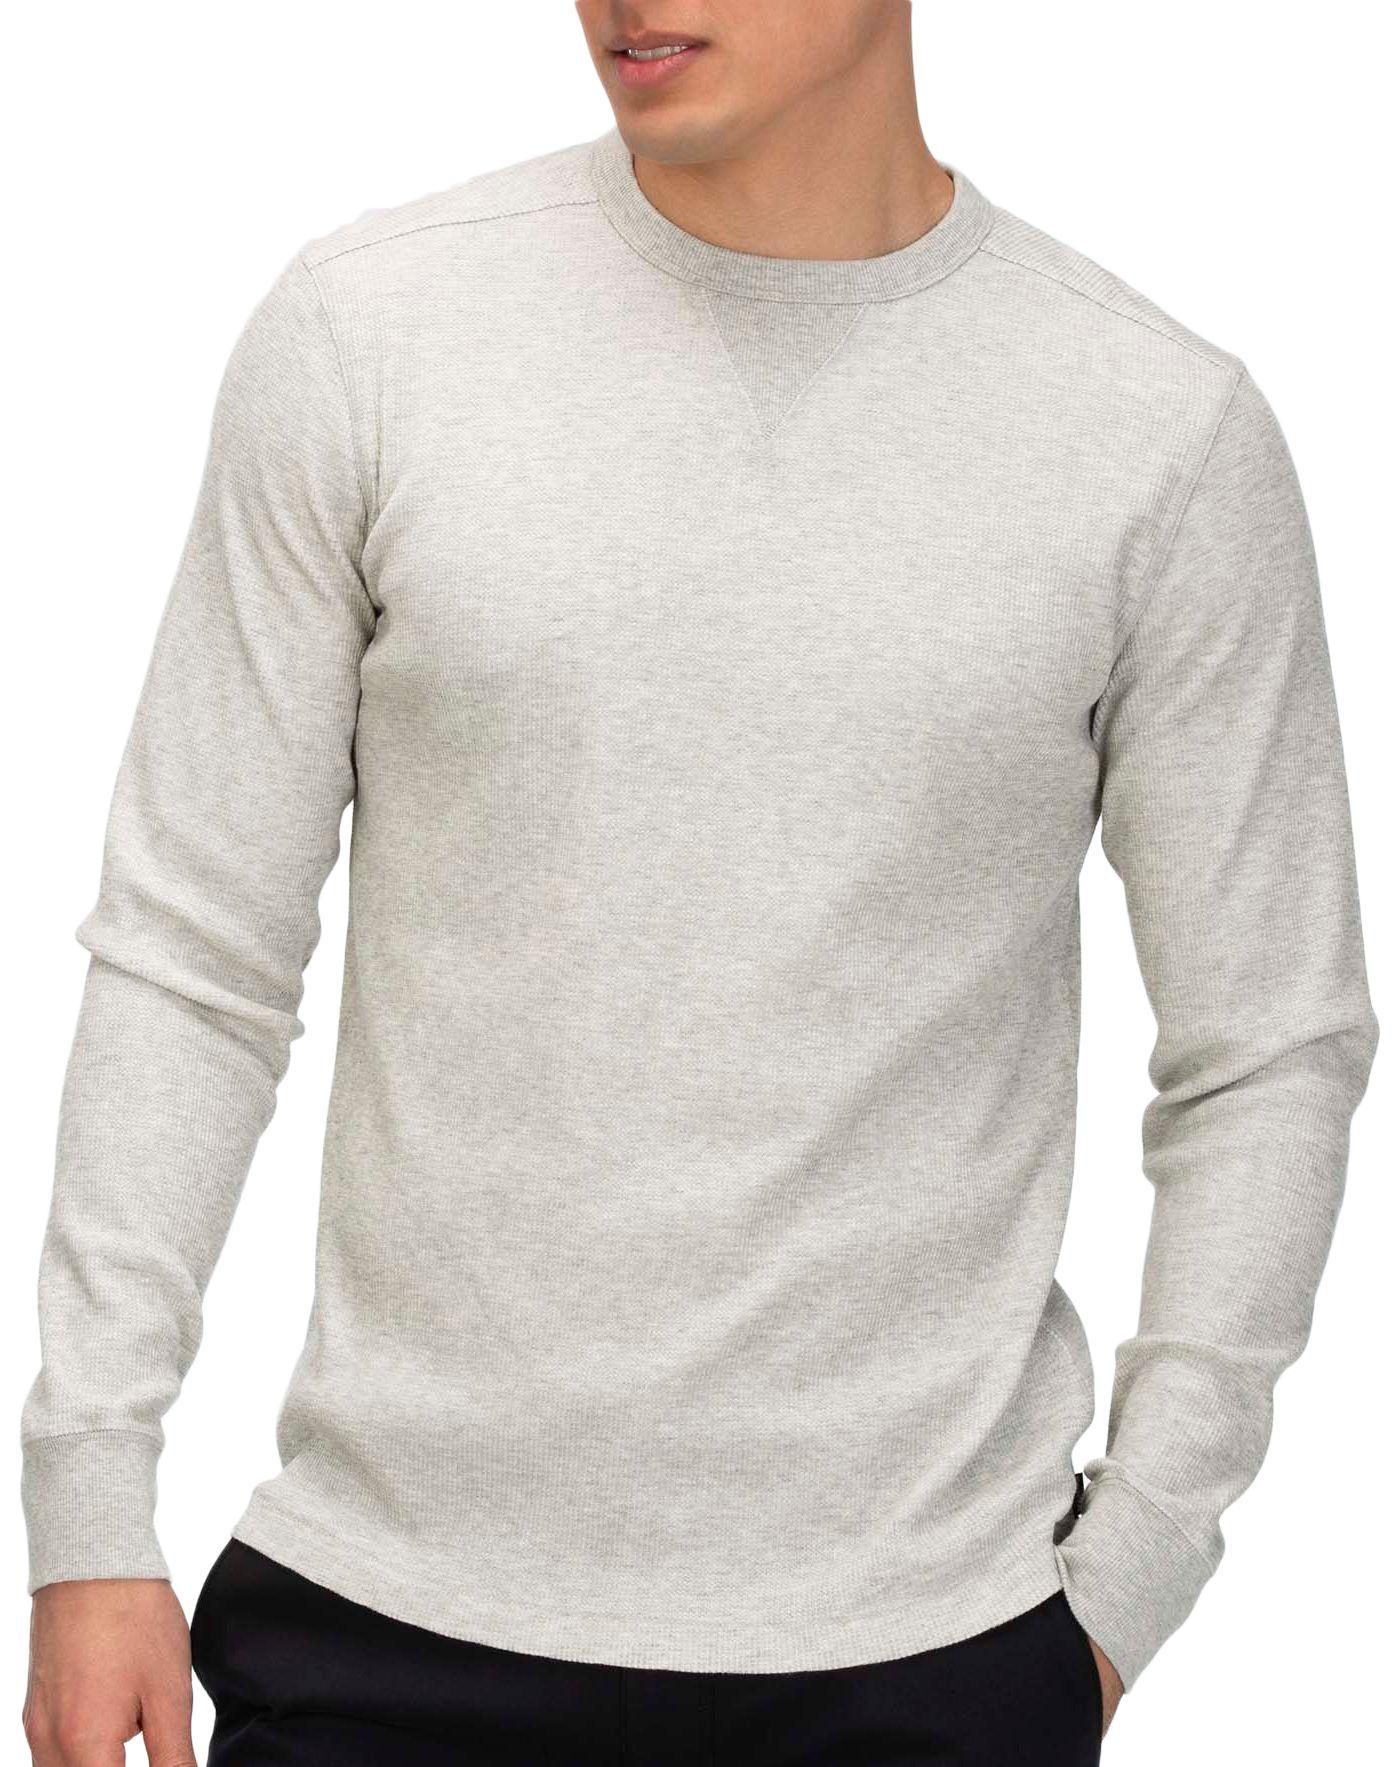 Hurley Men's Dri-FIT Wallie Long Sleeve Thermal Top